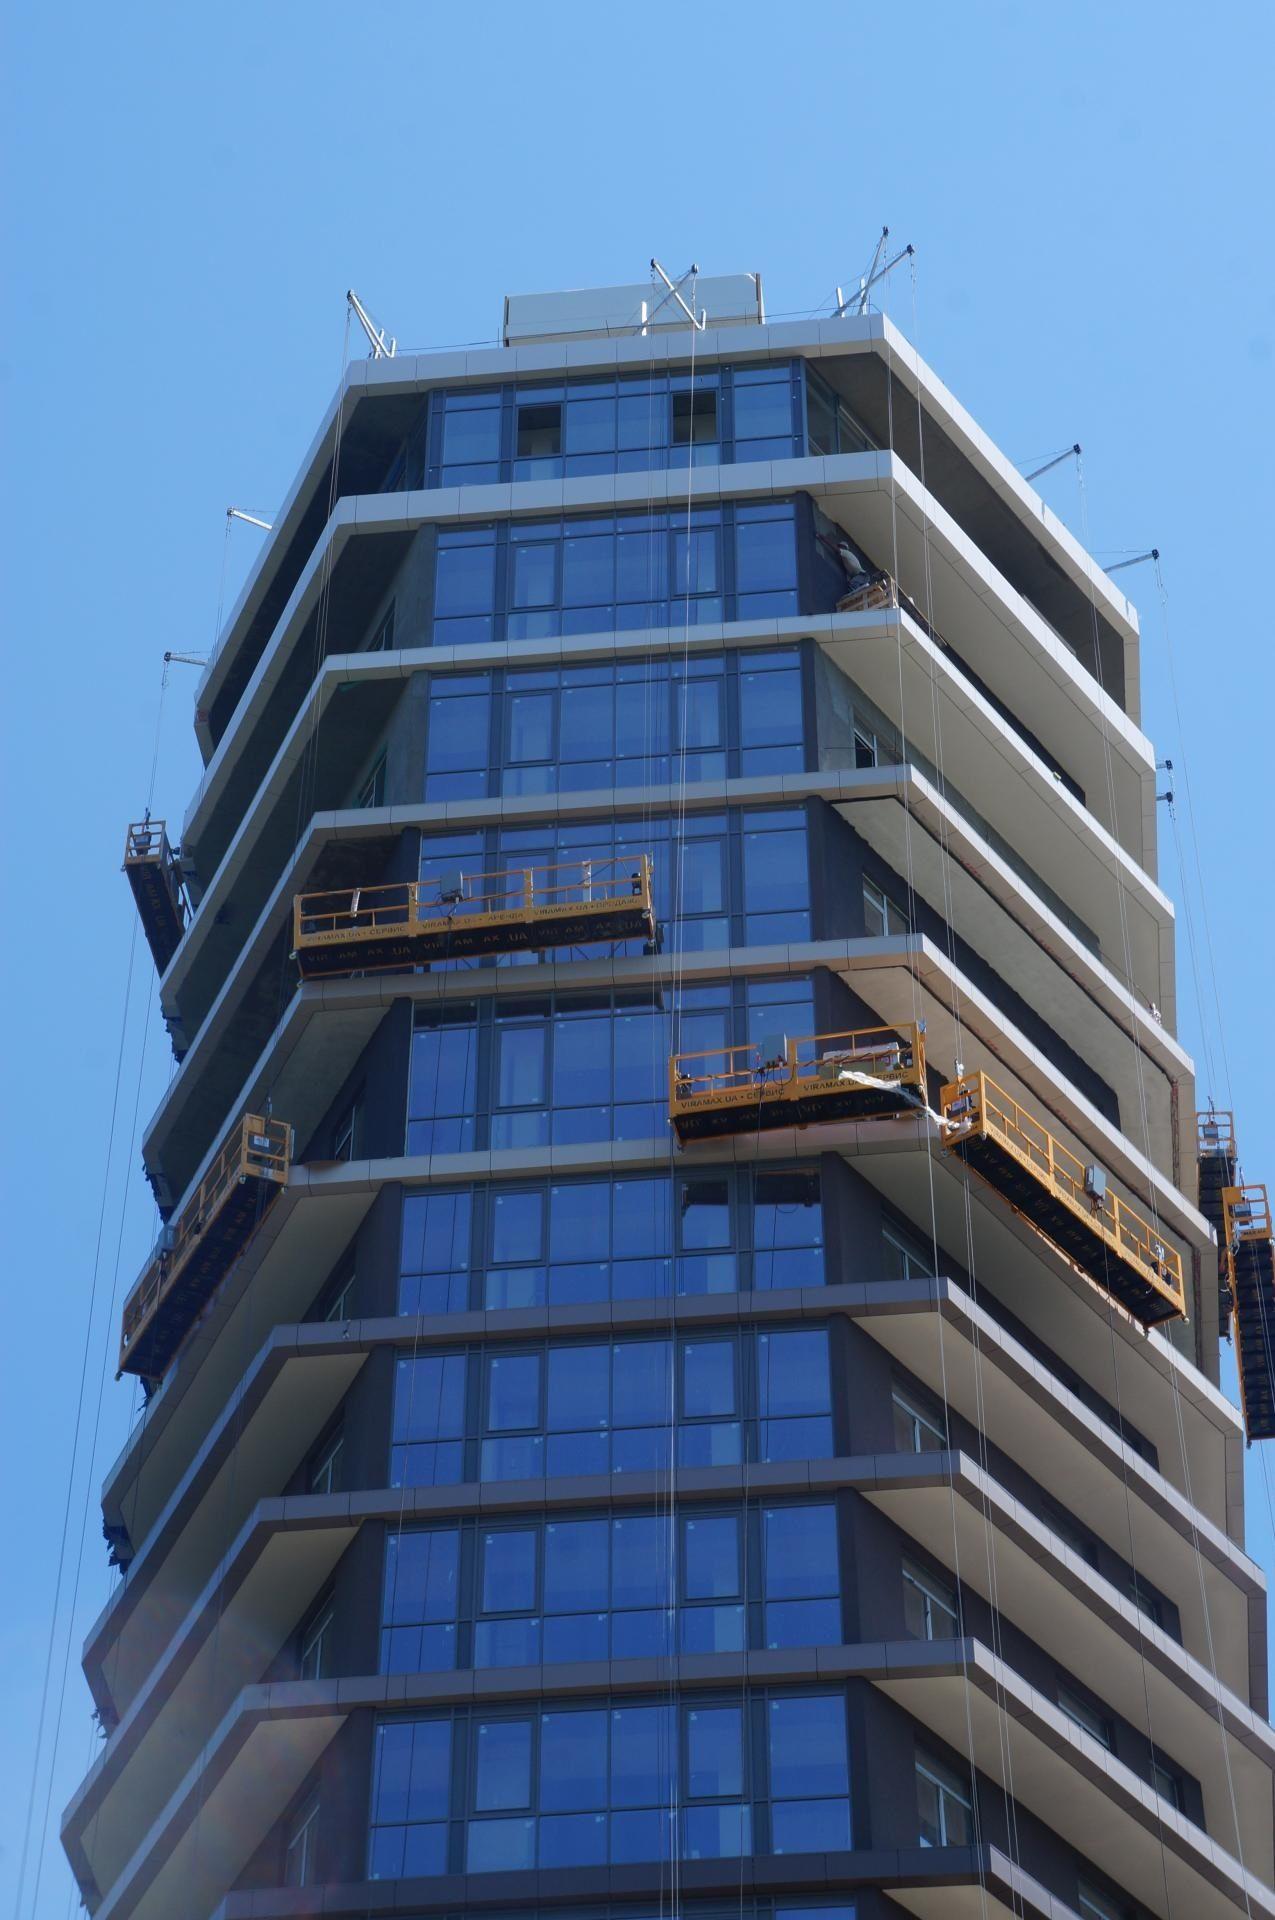 г. Одесса, люлька zlp 630 остекление фасада высотного дома